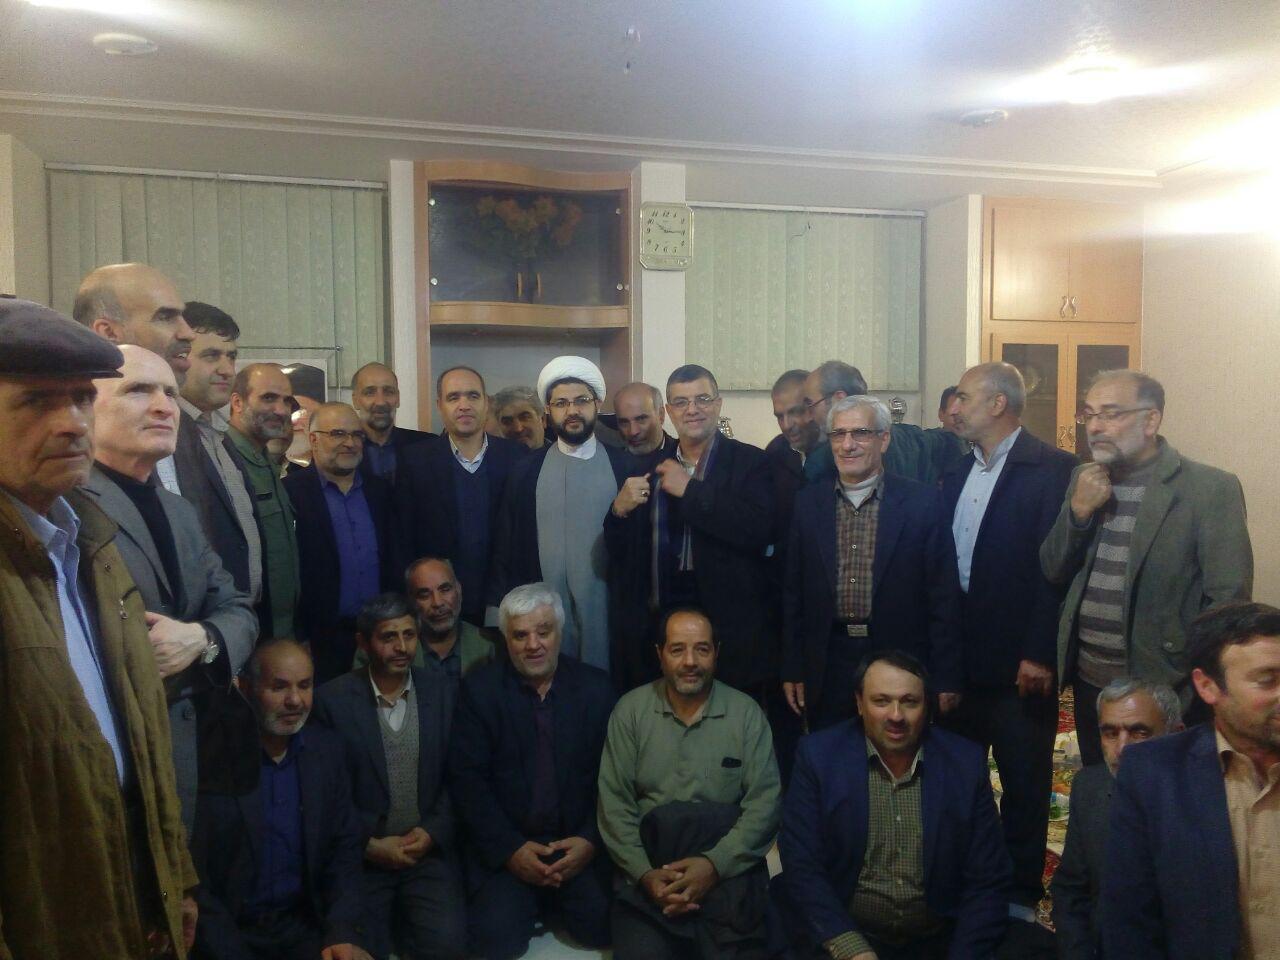 عکس یادگار جمعی از رزمندگان دوران دفاع مقدس با امام جمعه محترم شهر قهدریجان و مسئولین شهرستان